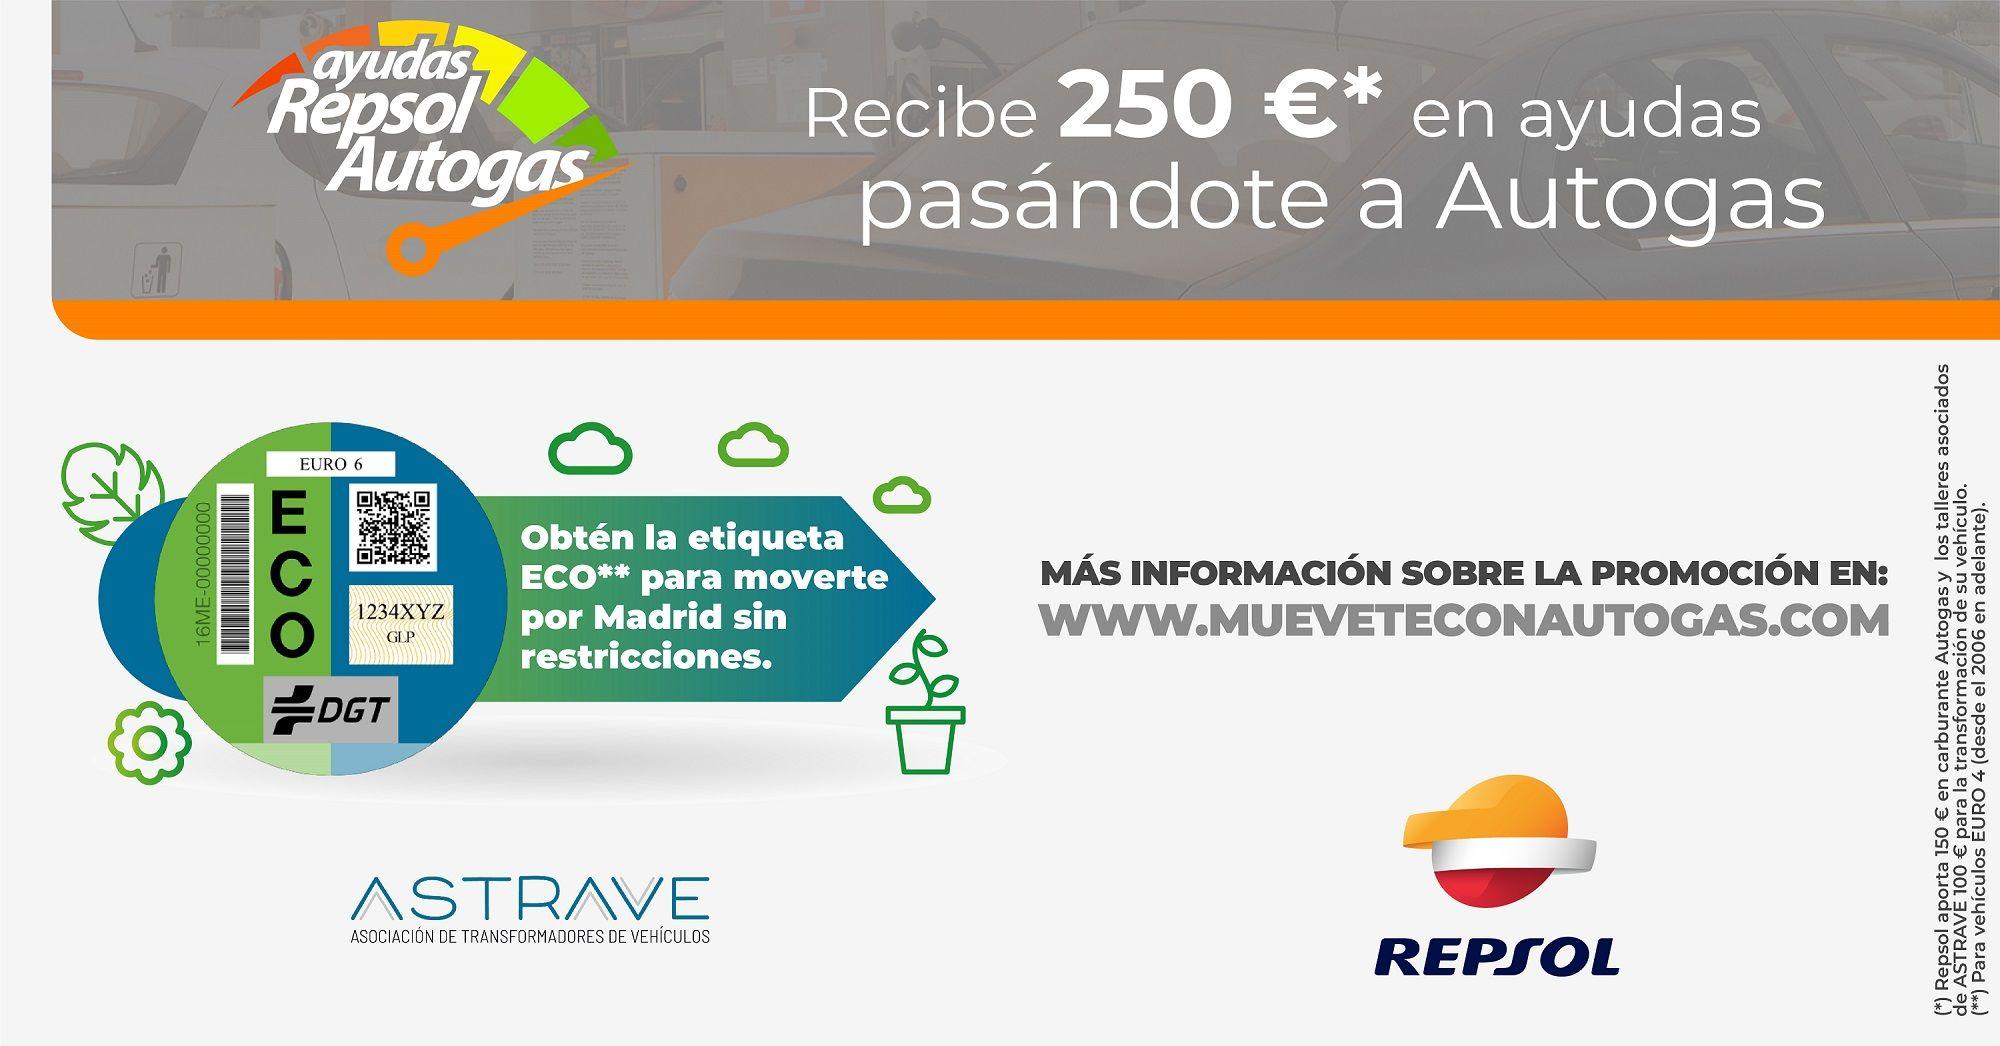 Madrid 360, un nuevo escenario: claves y ayudas para moverse por la ciudad con AutoGas